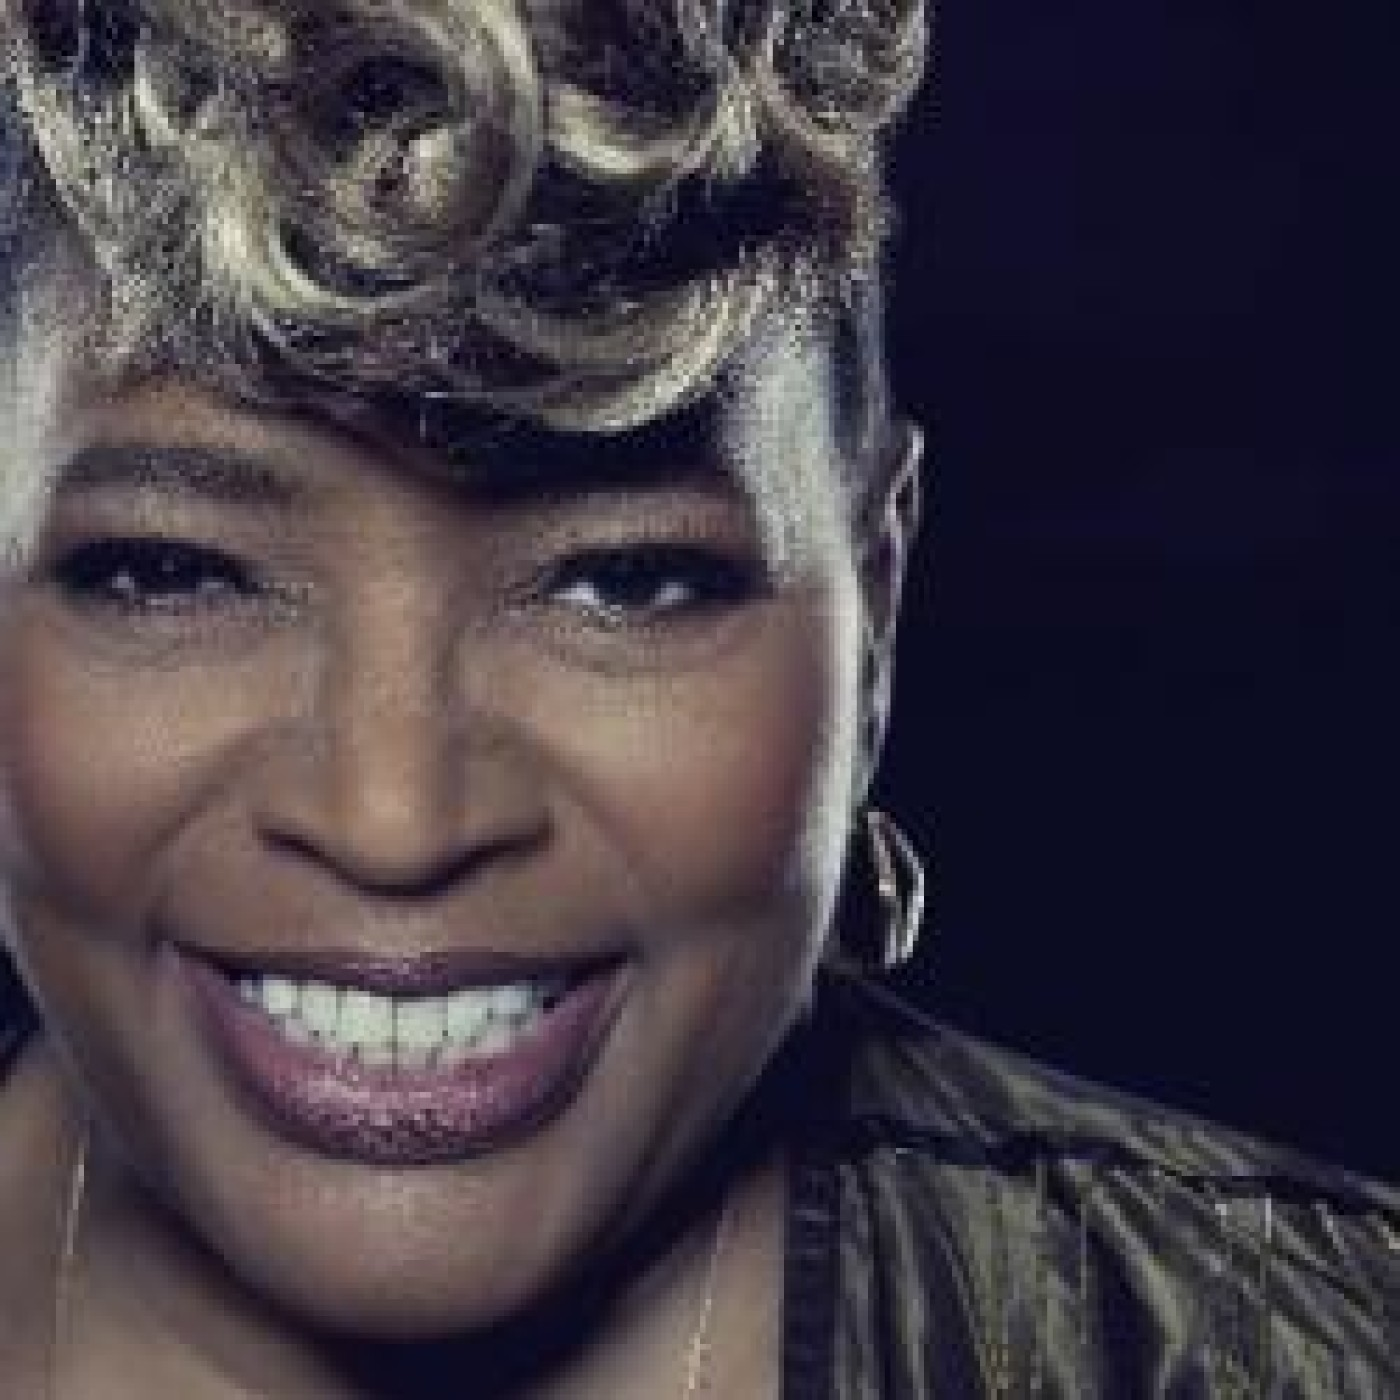 La music story du jour : Jocelyn Brown